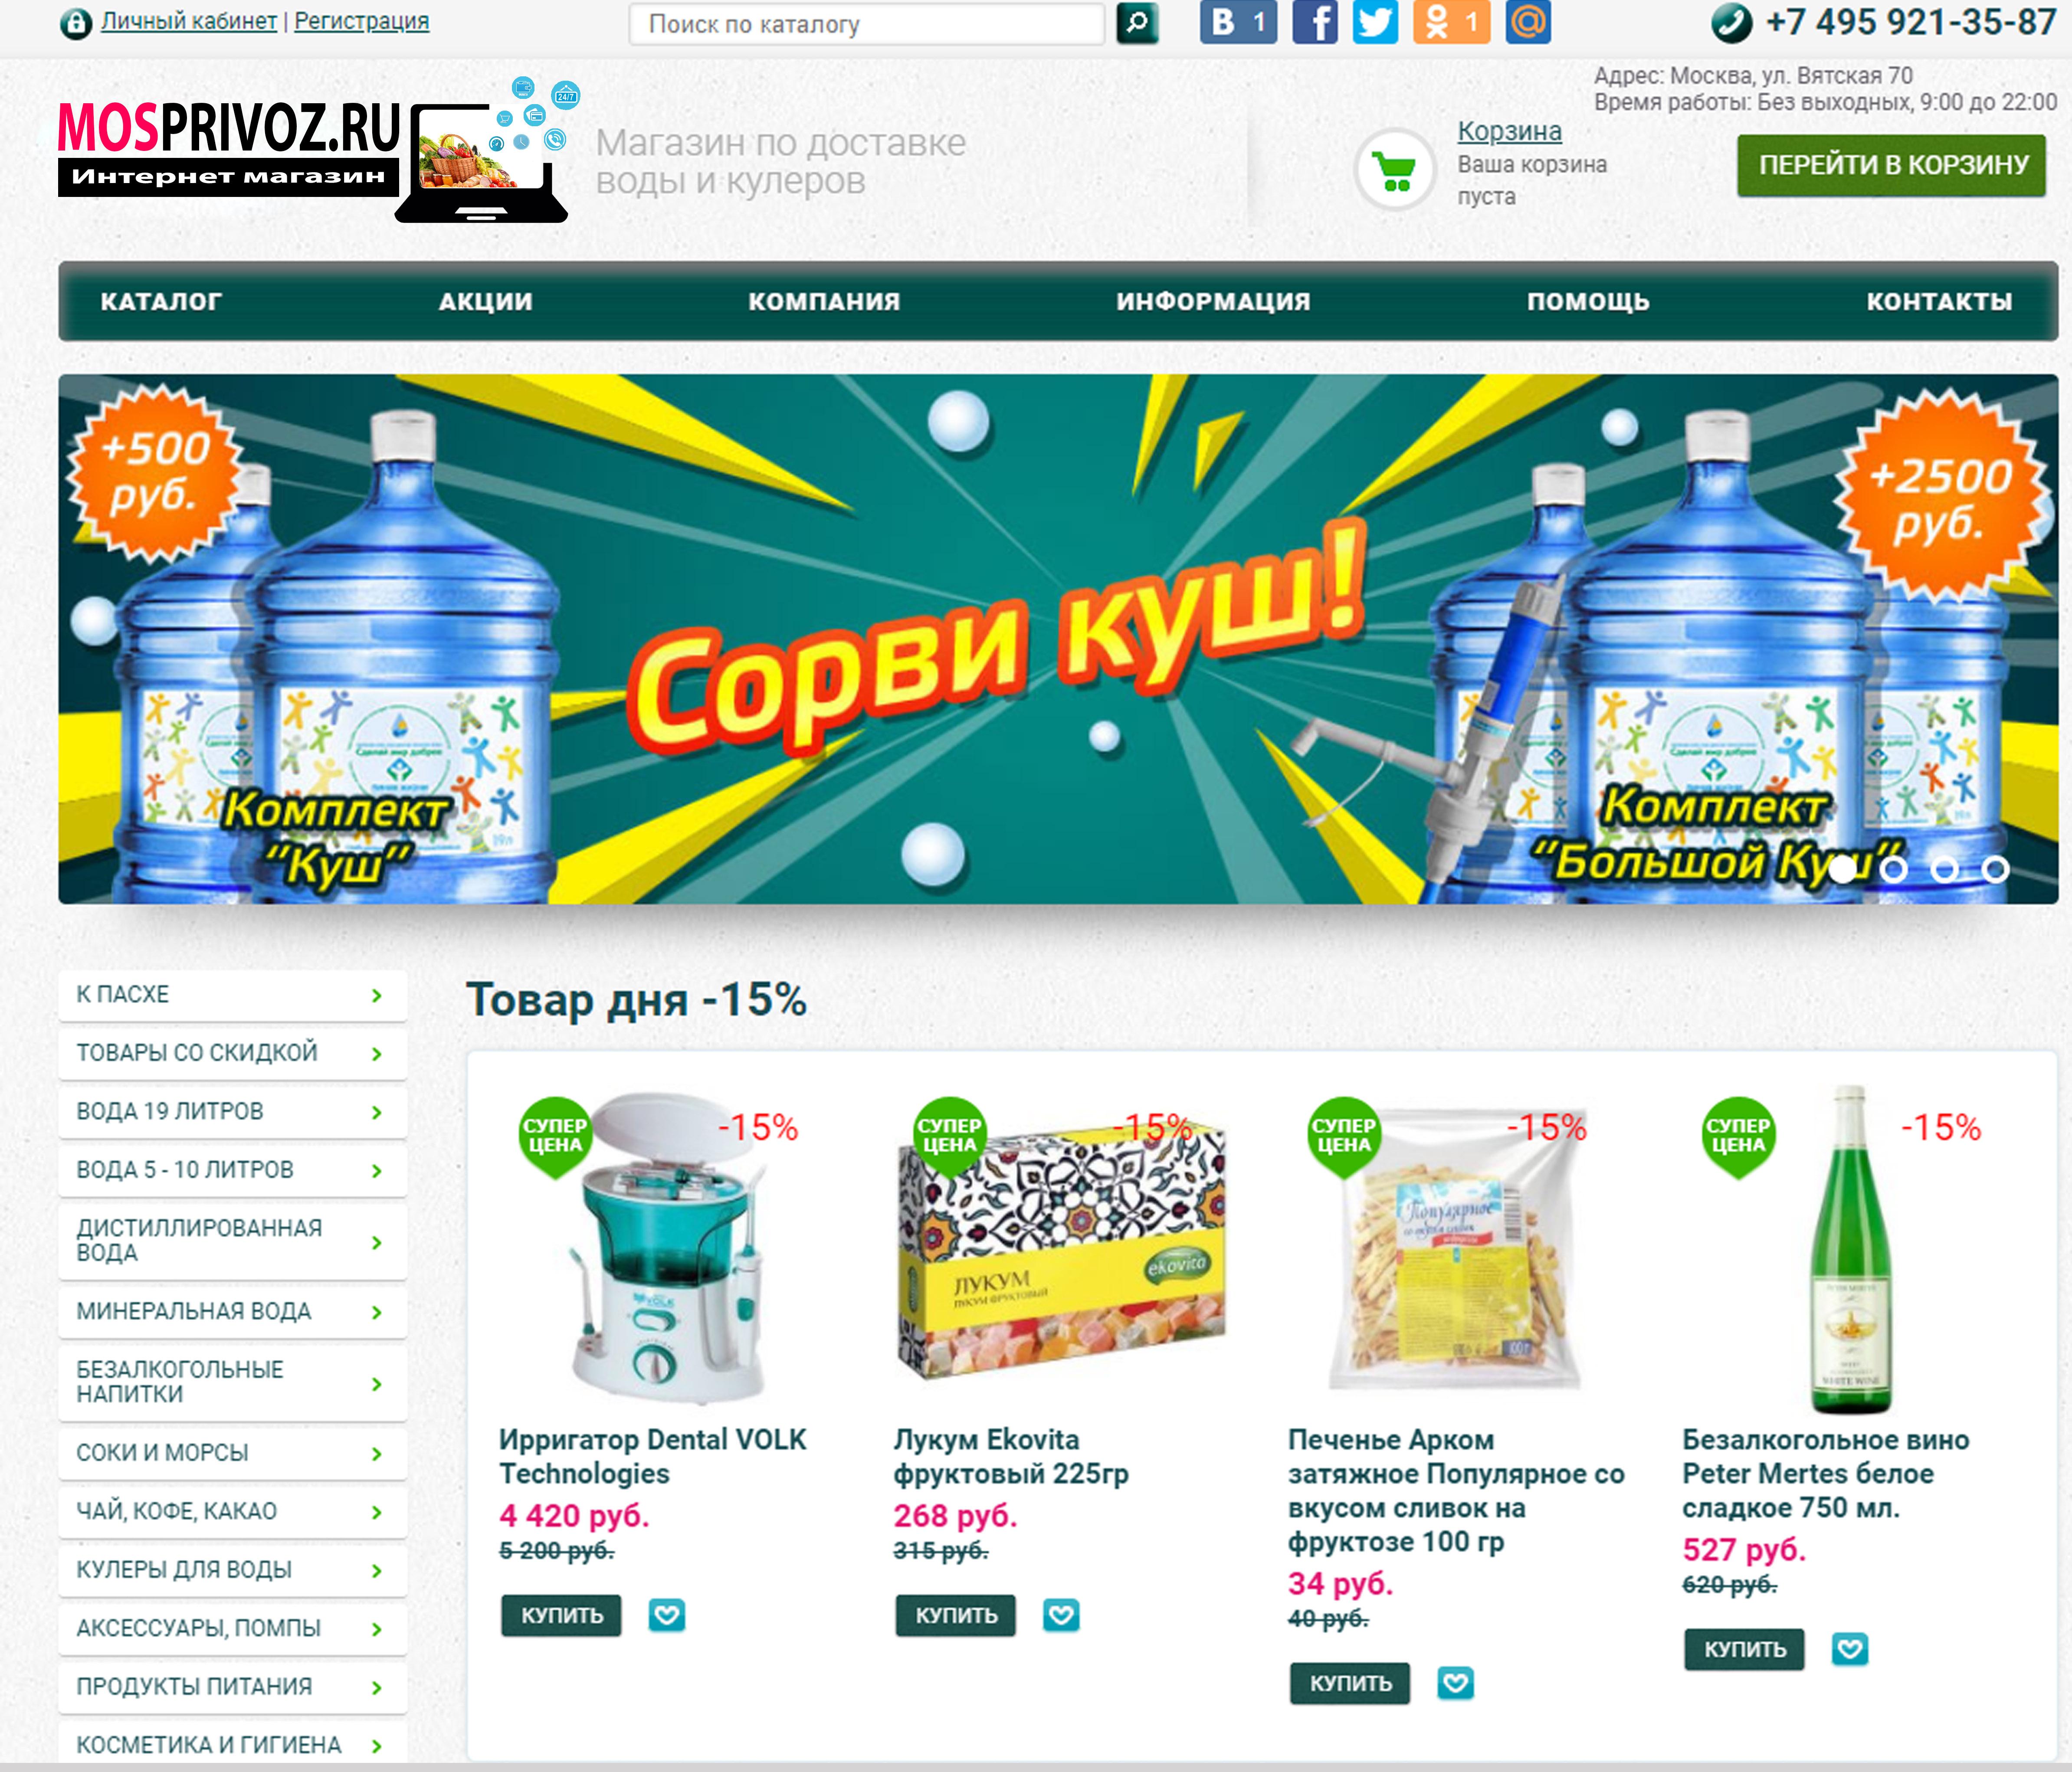 Логотип. Интернет - магазин по доставке продуктов питания. фото f_8835ada5055cab04.jpg